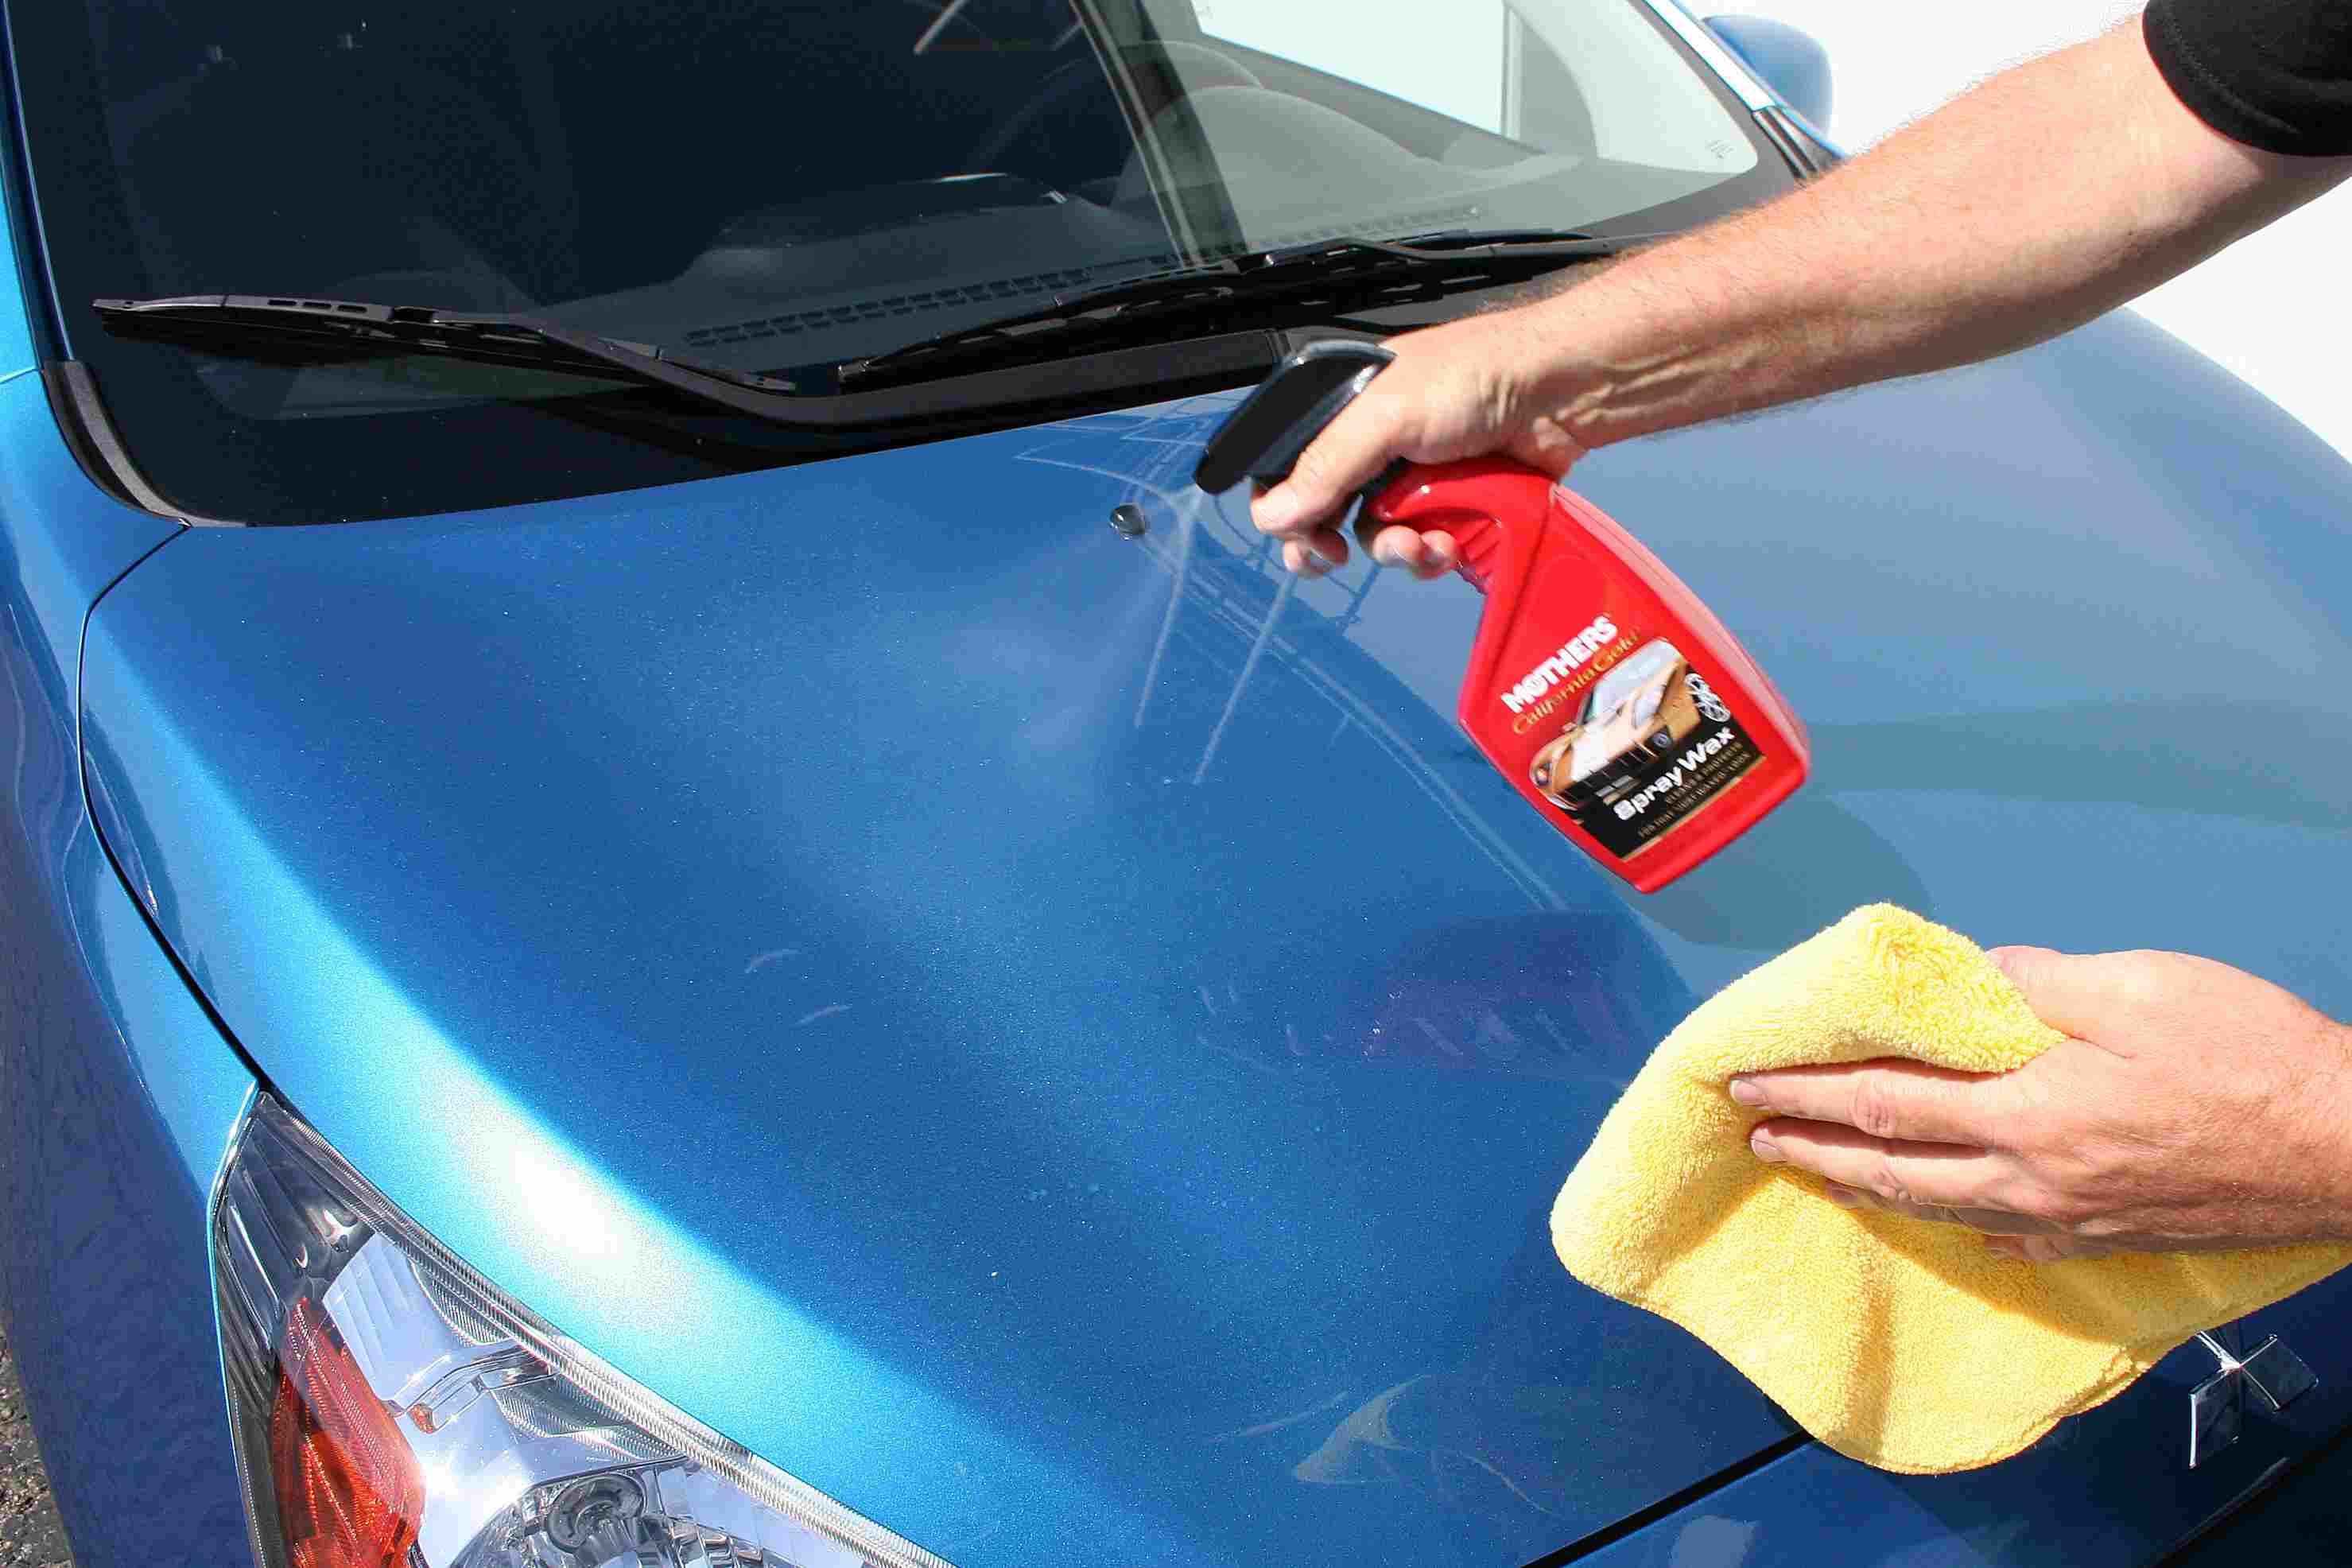 Spray Car Wash: Car Wash Essentials: How To Wash A Car Like The Pros